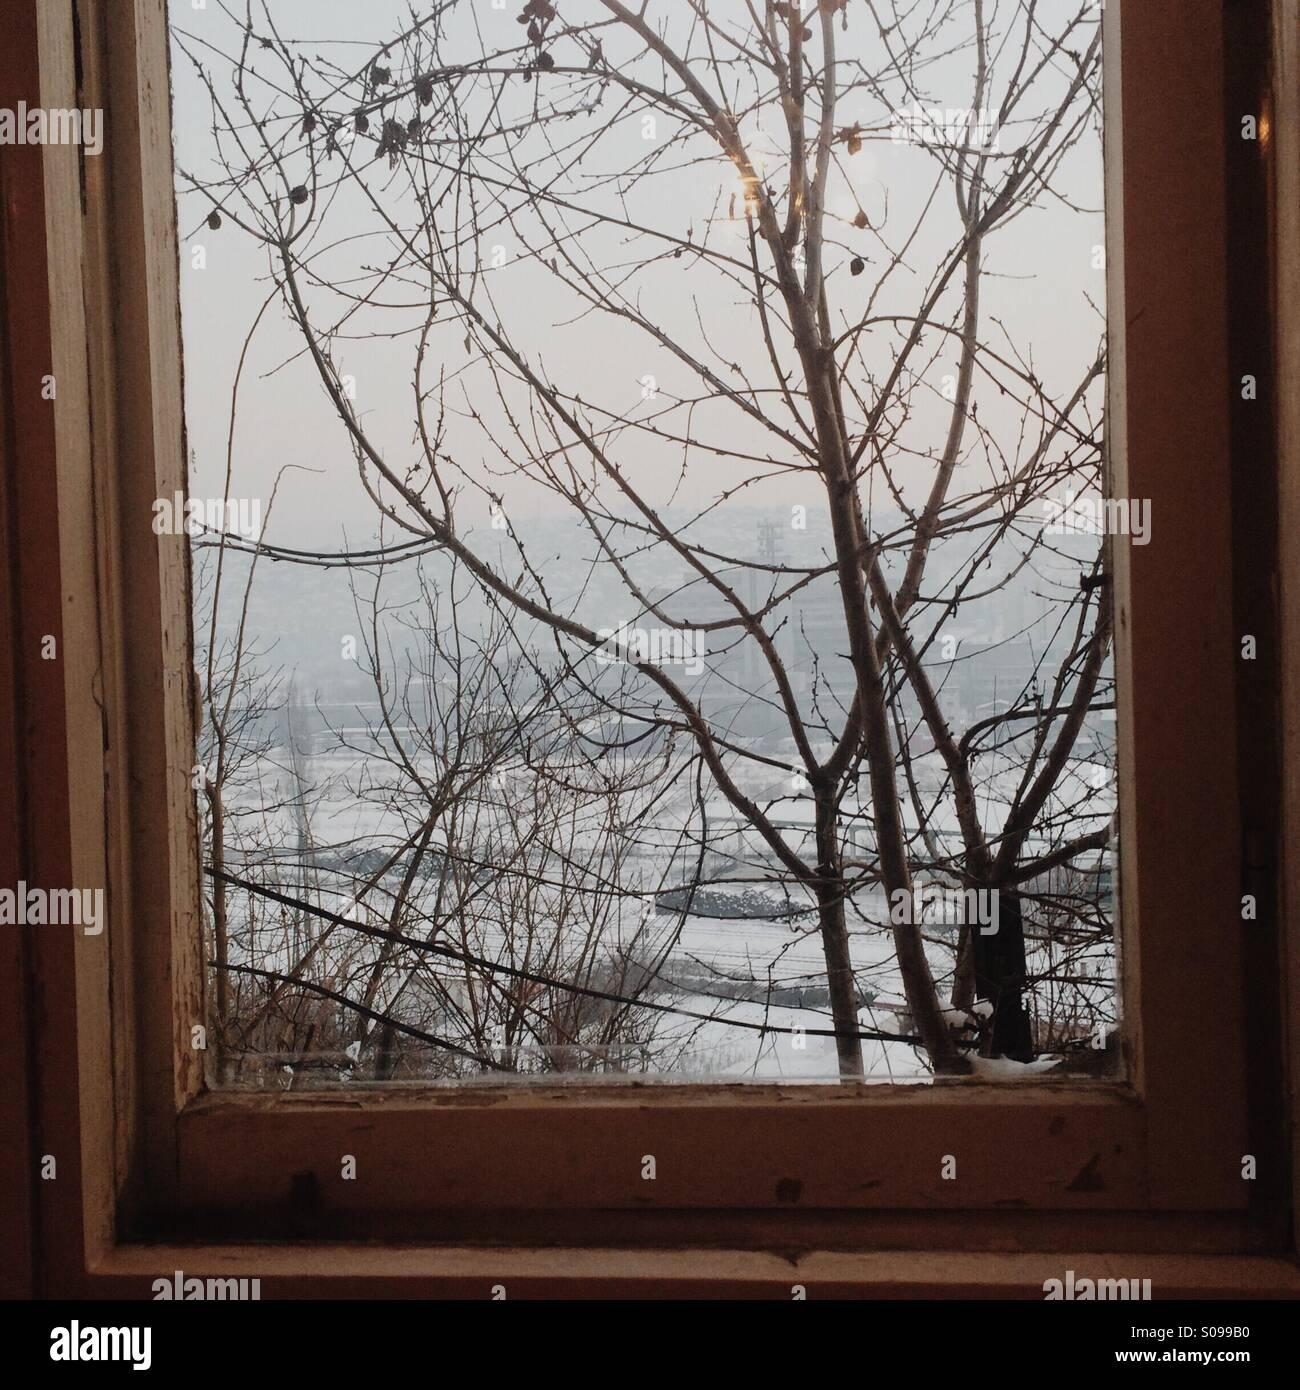 Window trees - Stock Image